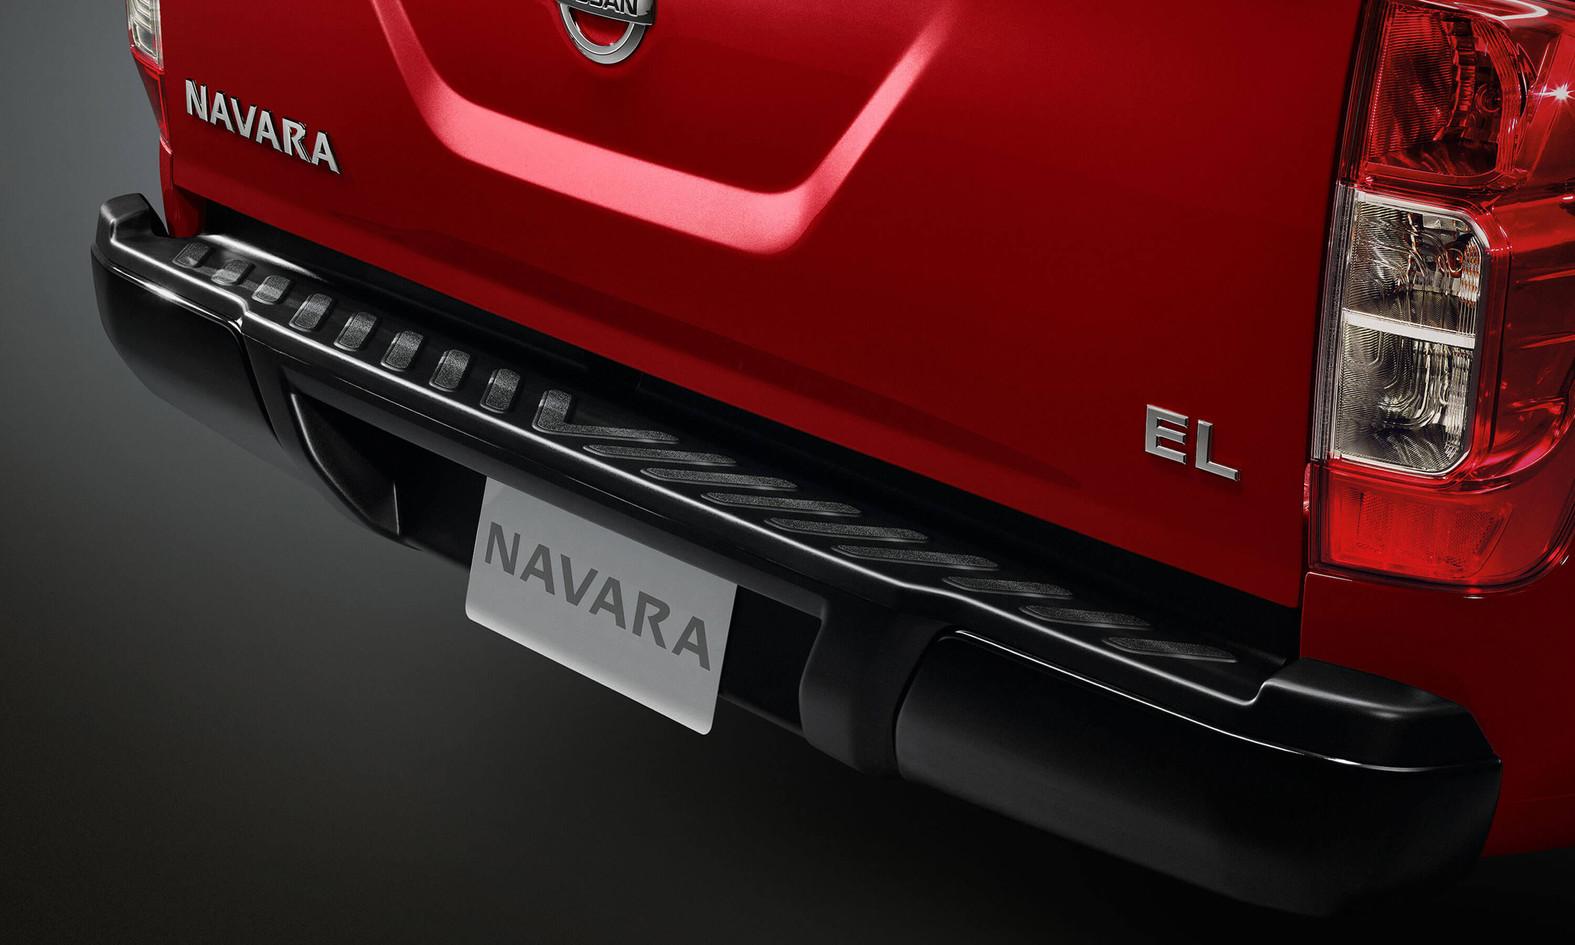 Nissan-Navara-DC-3000x1800-07-01.jpg